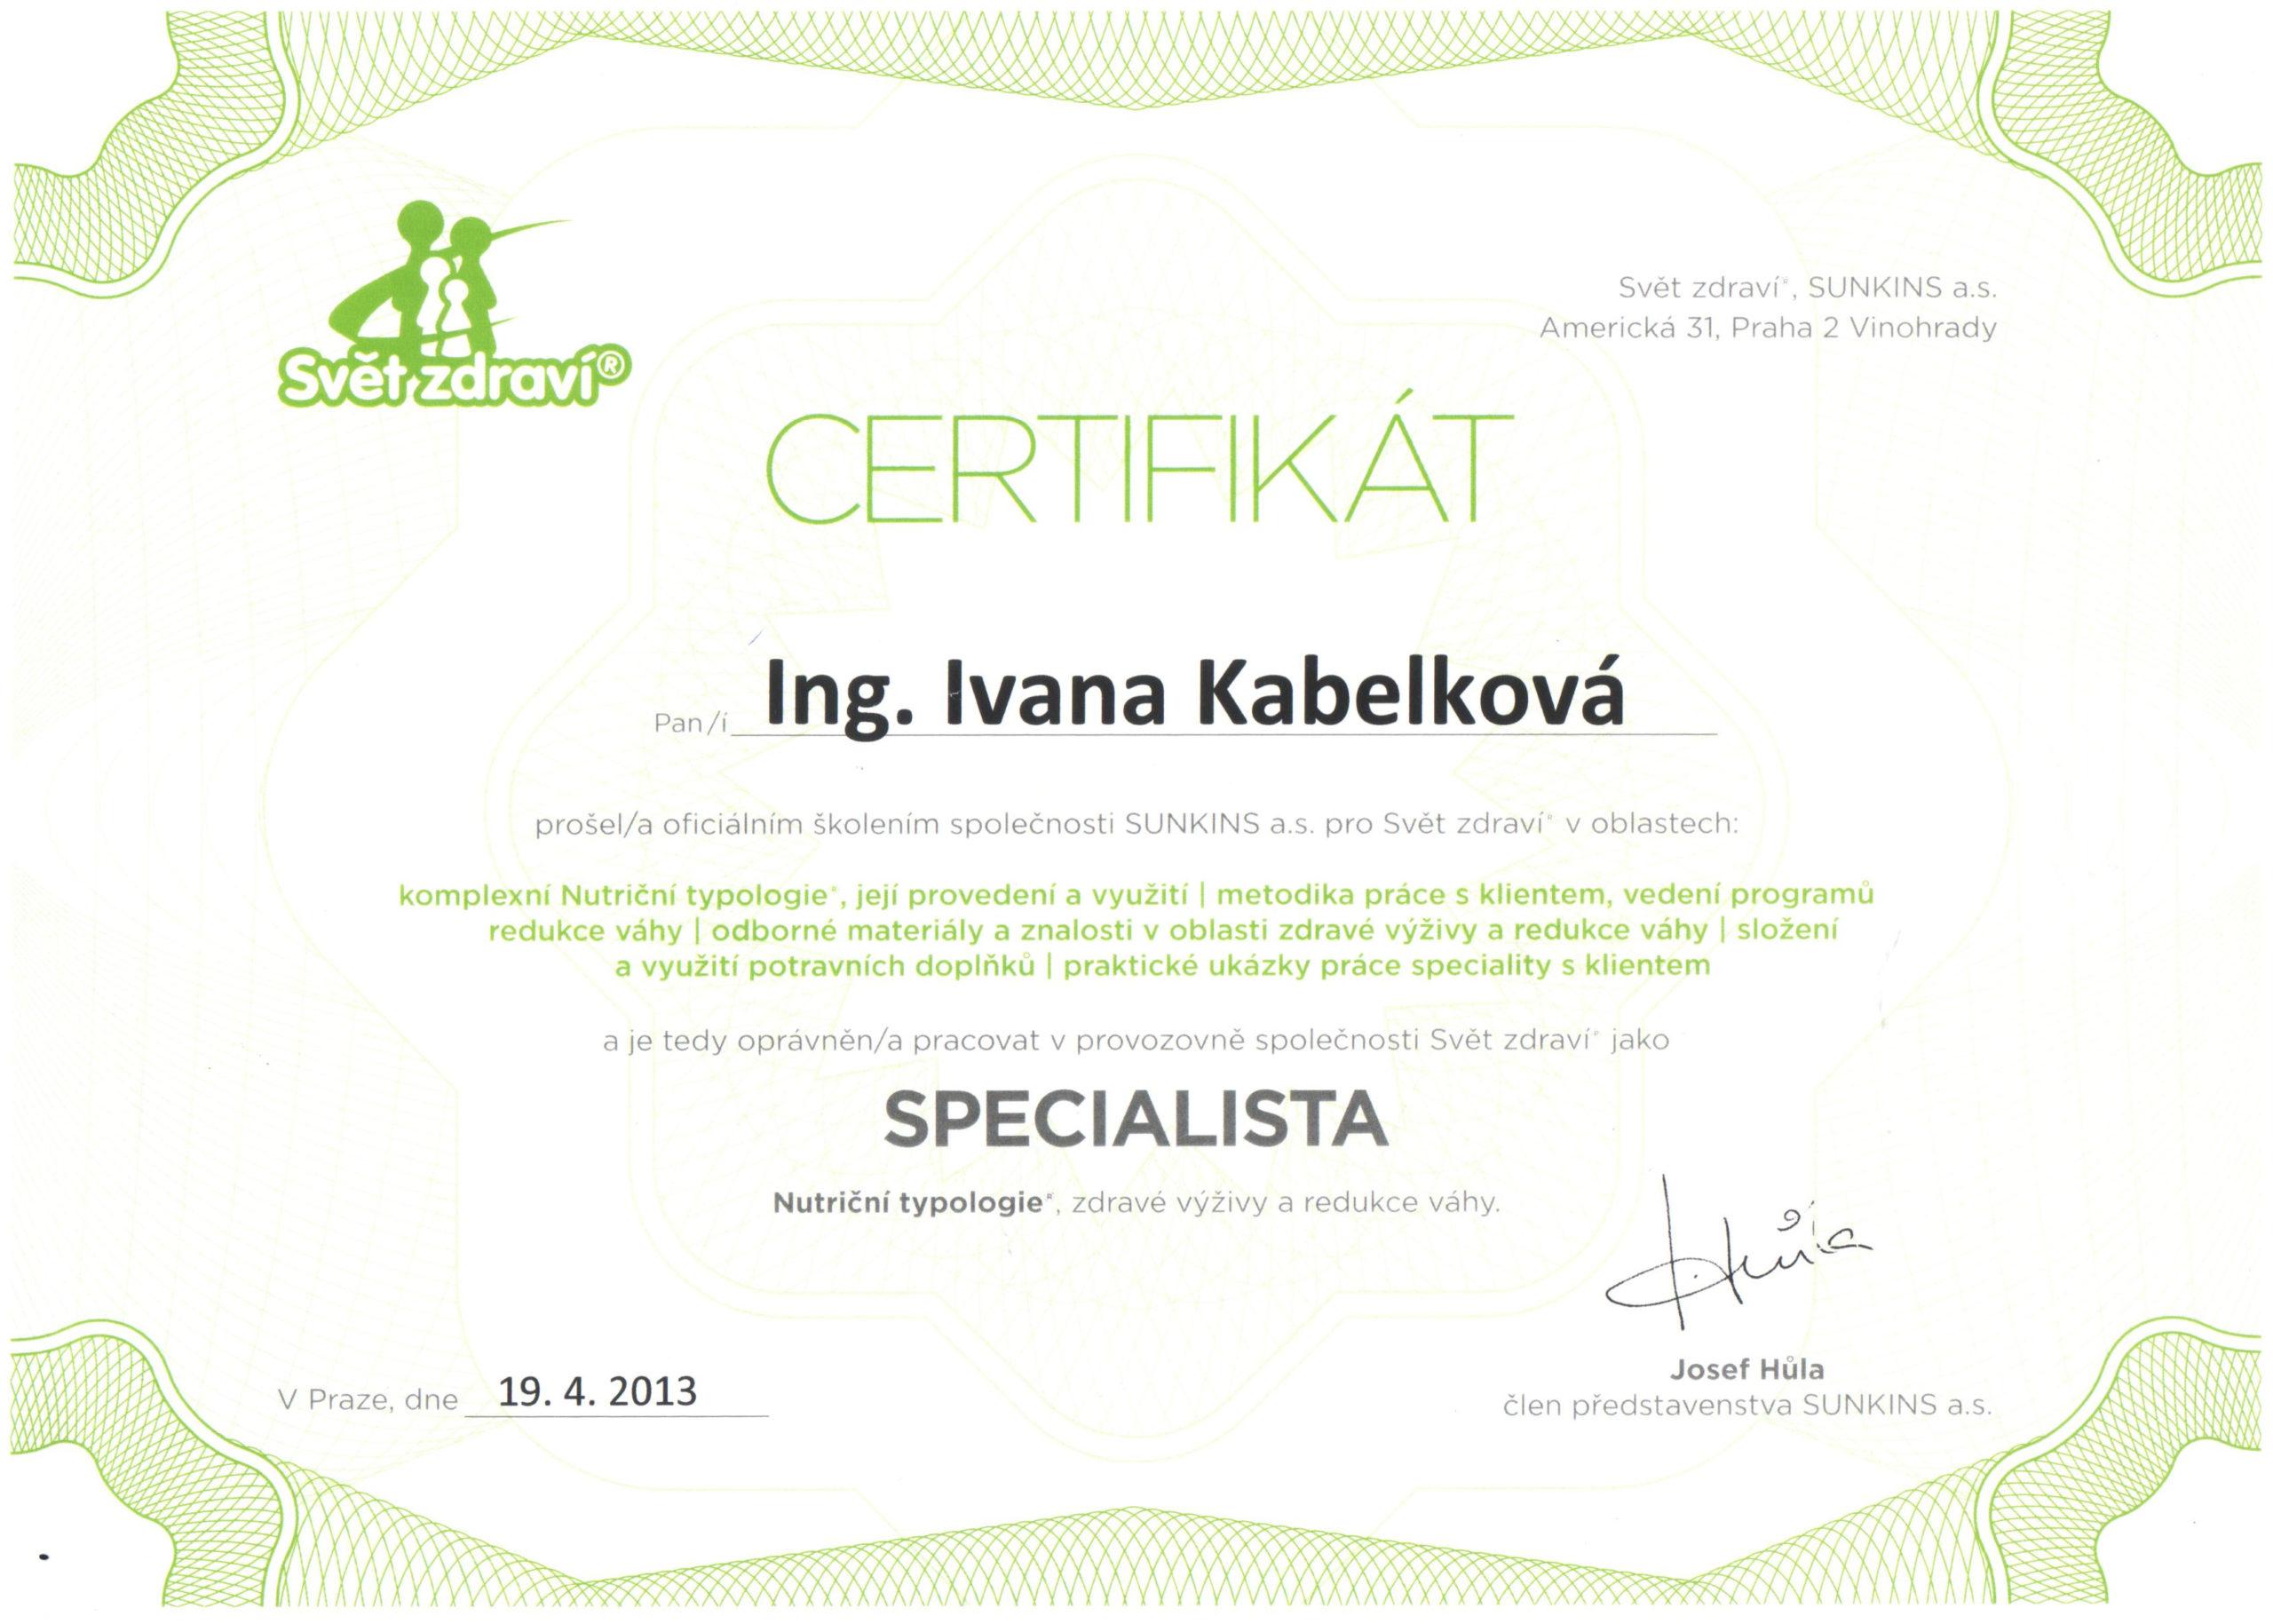 Certifikát - Specialista nutriční typologie